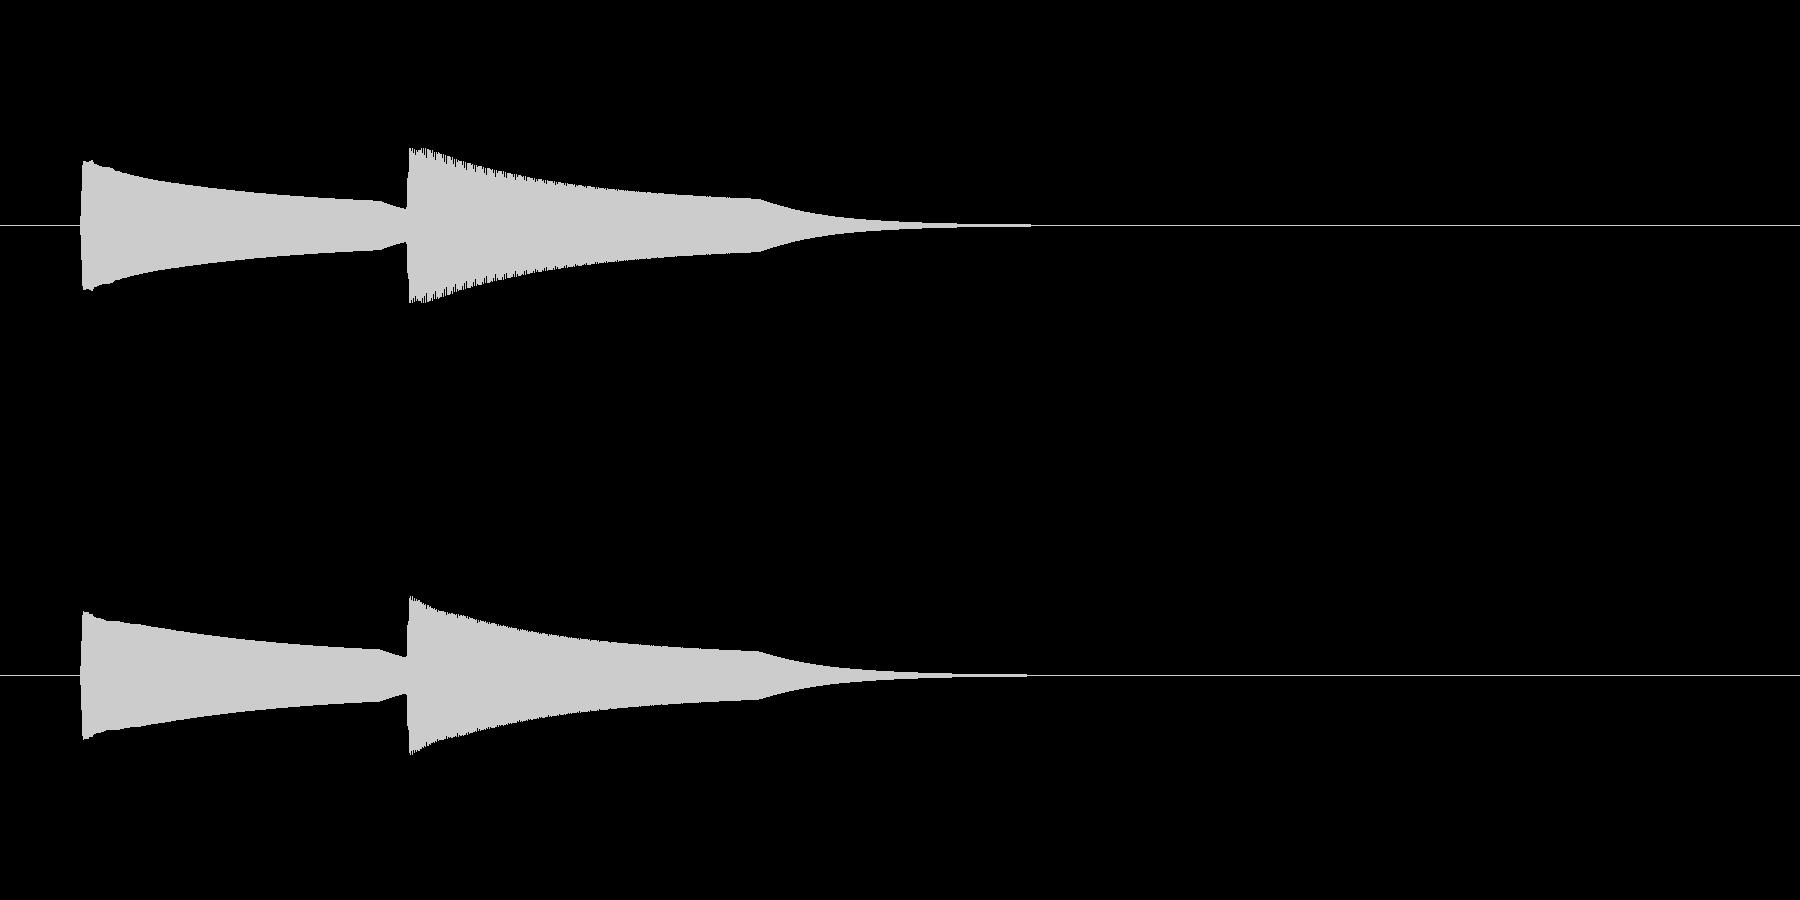 ぴンポーン(インターホン)1回 半音高いの未再生の波形